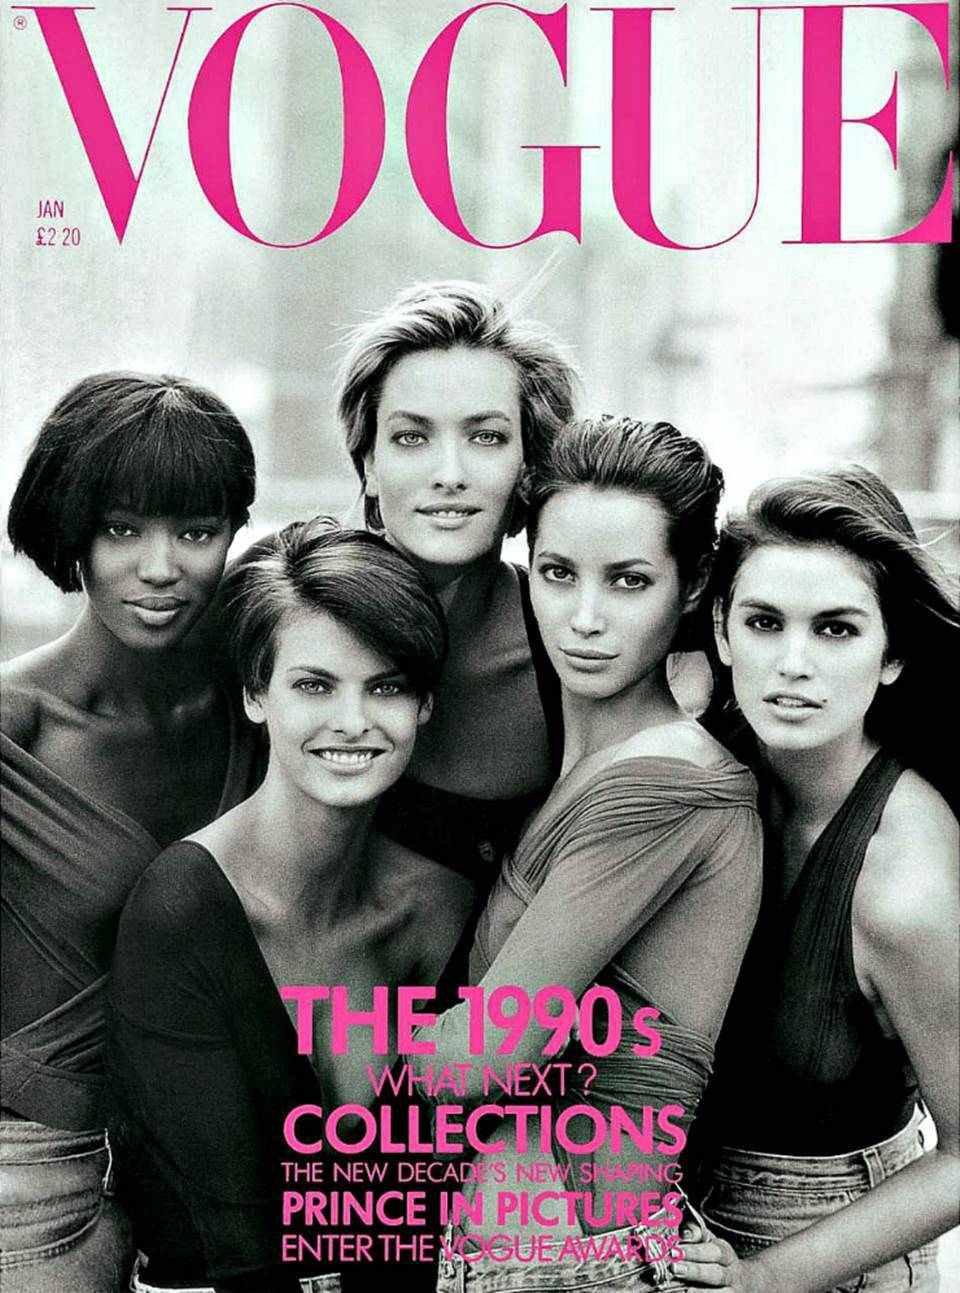 Reprodução/Vogue Britânica